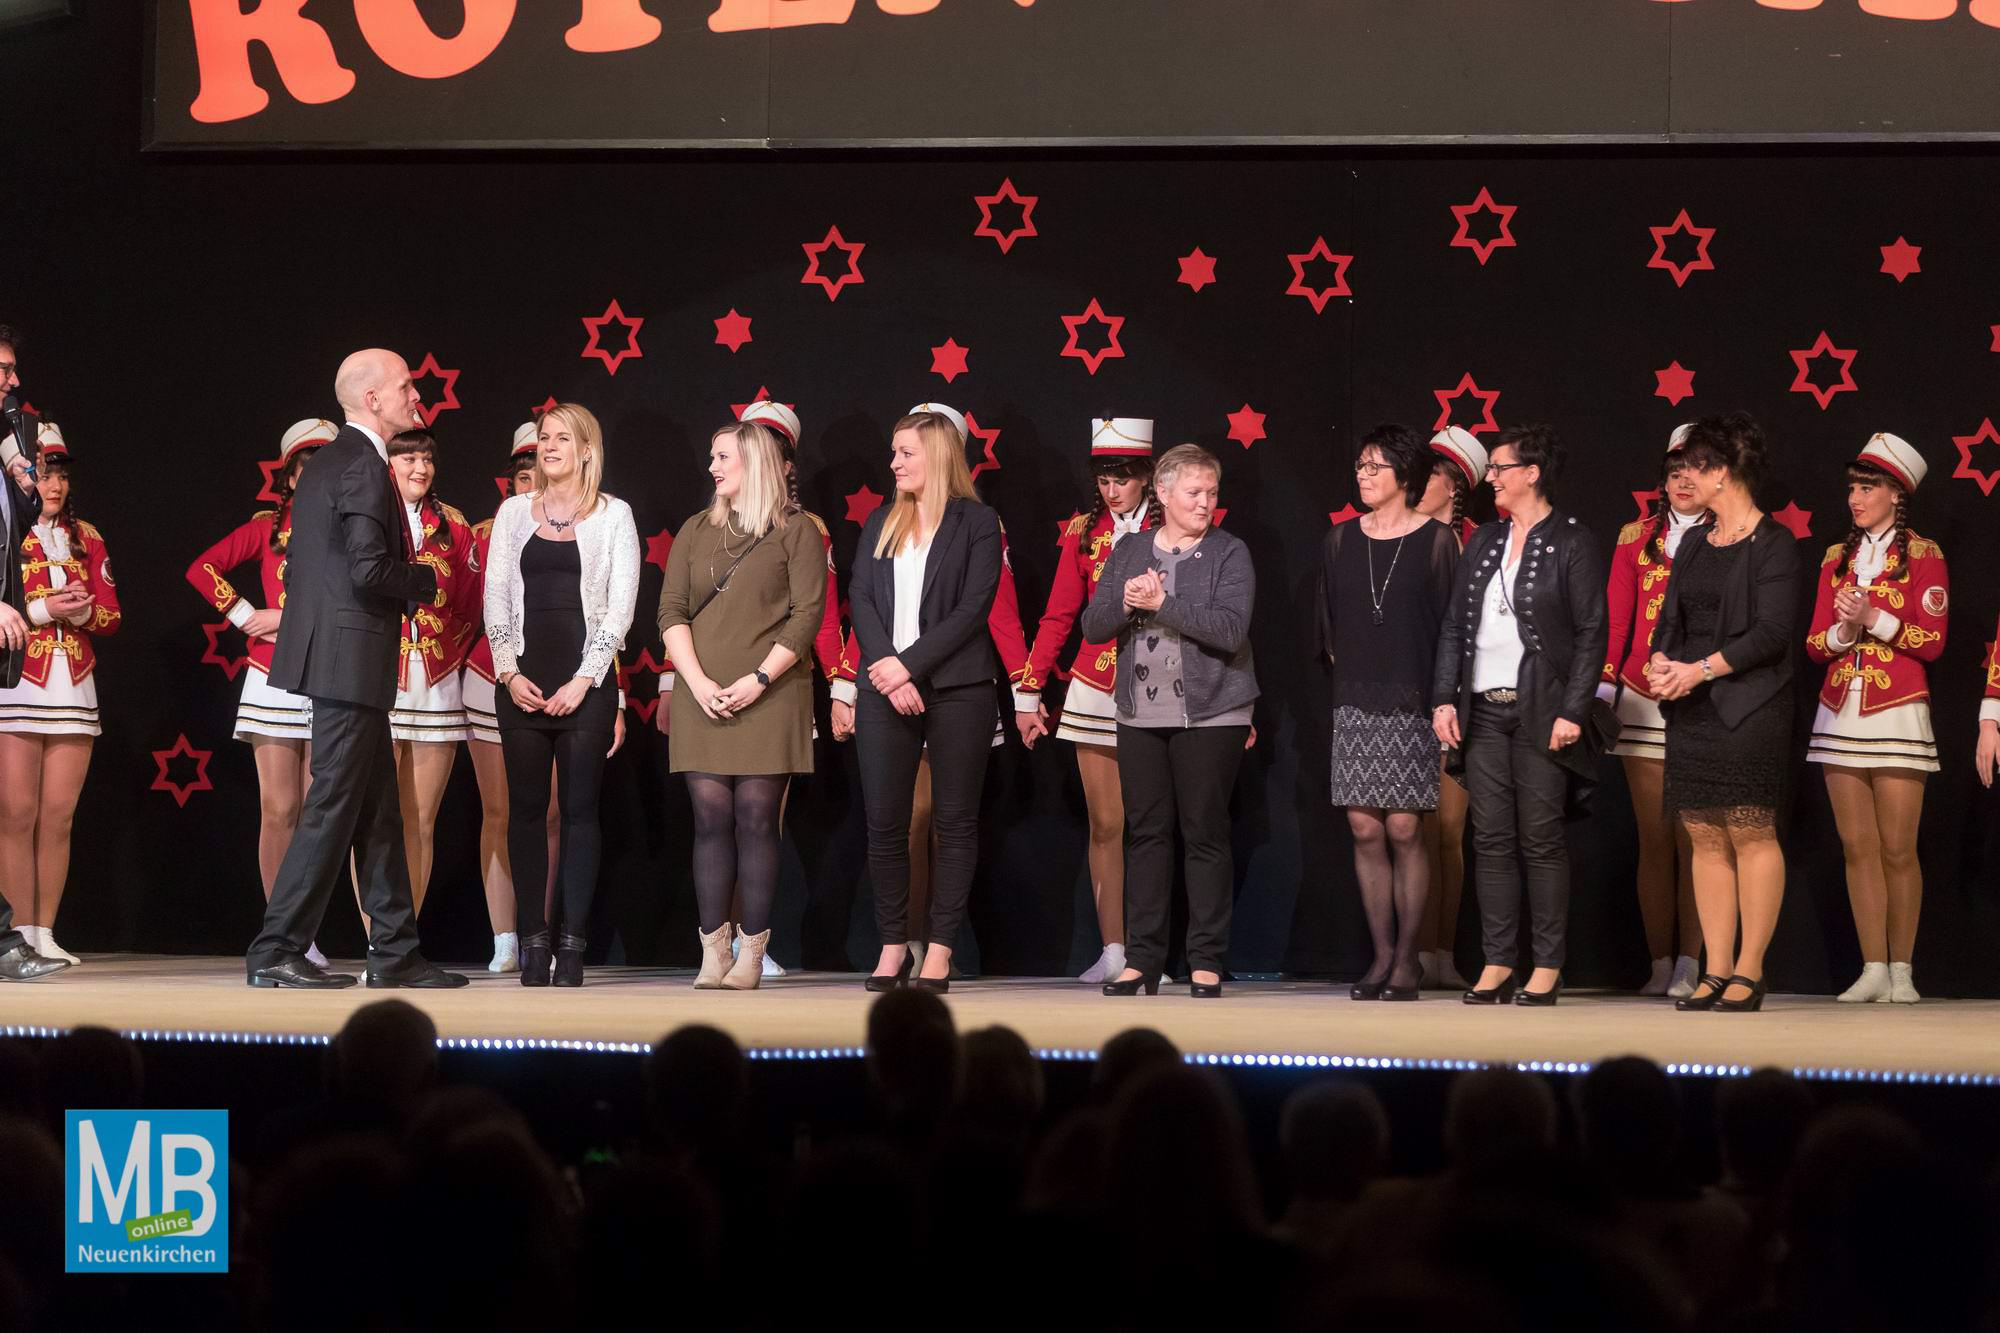 Galaabend Rote Husaren 2017